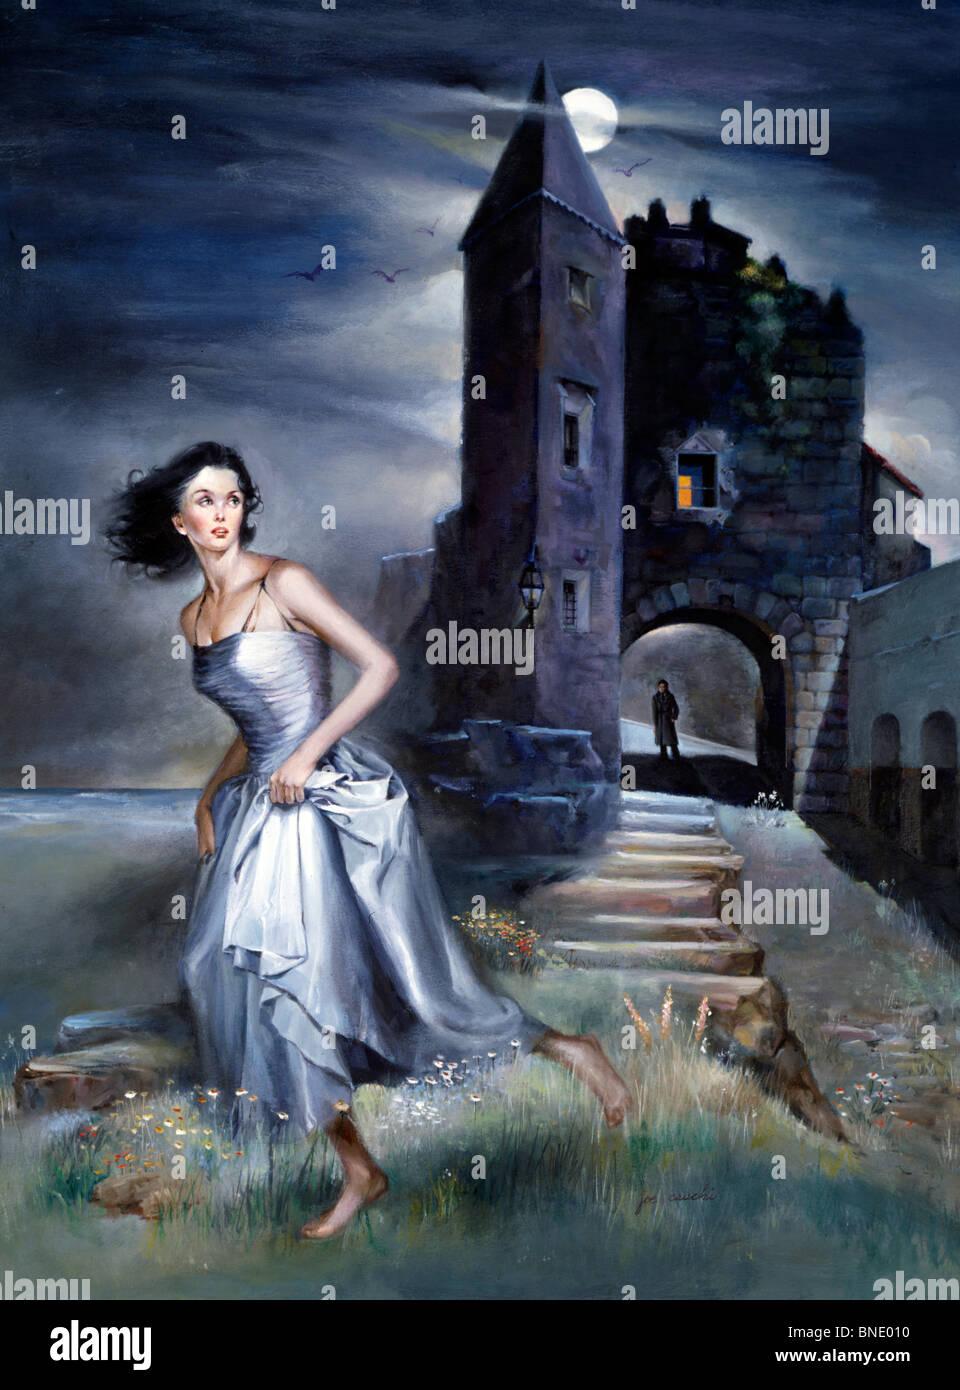 Mujer corriendo con un castillo en el fondo Imagen De Stock